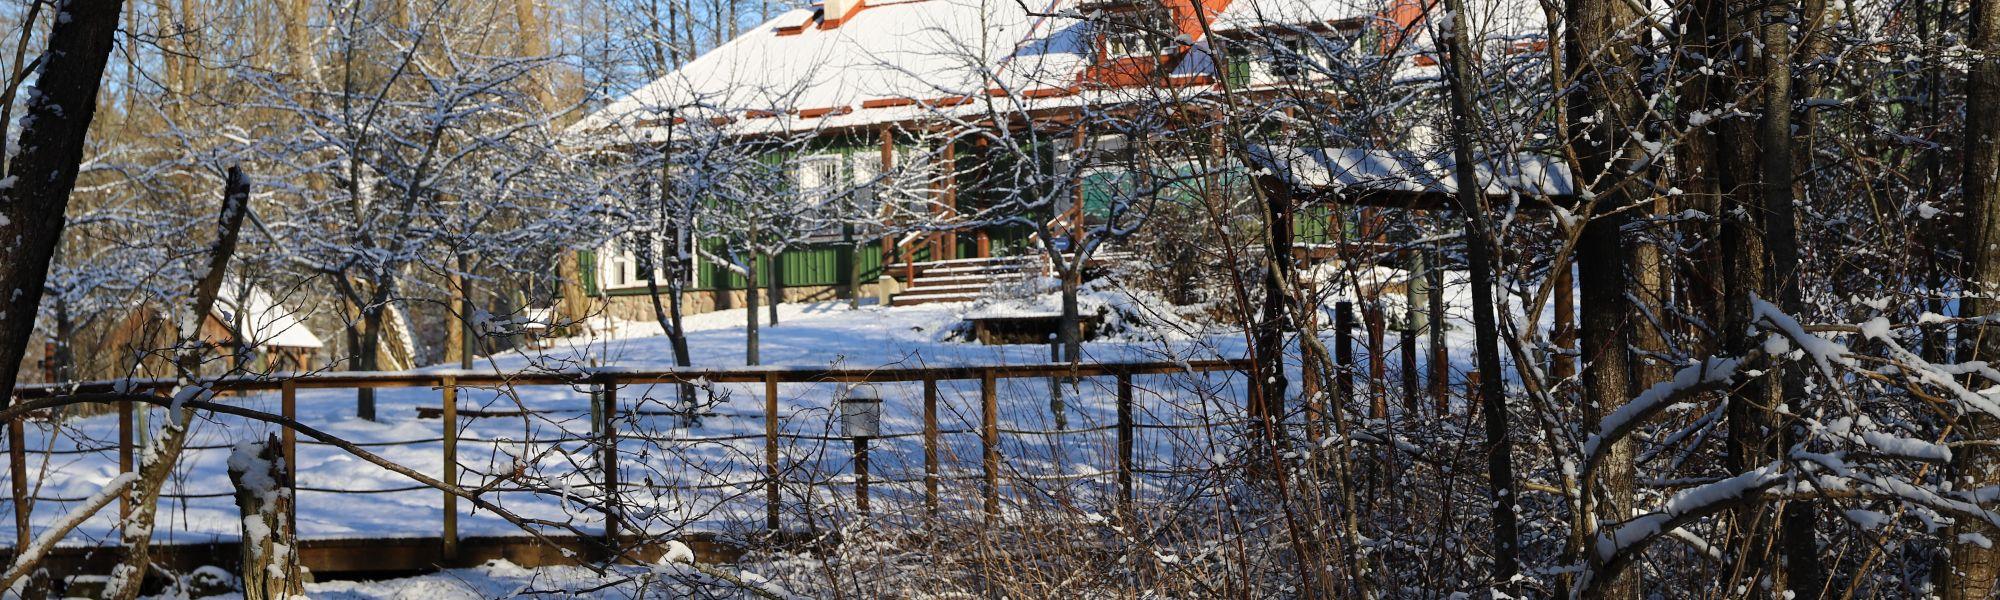 Siedziba Parku w zimowej odsłonie